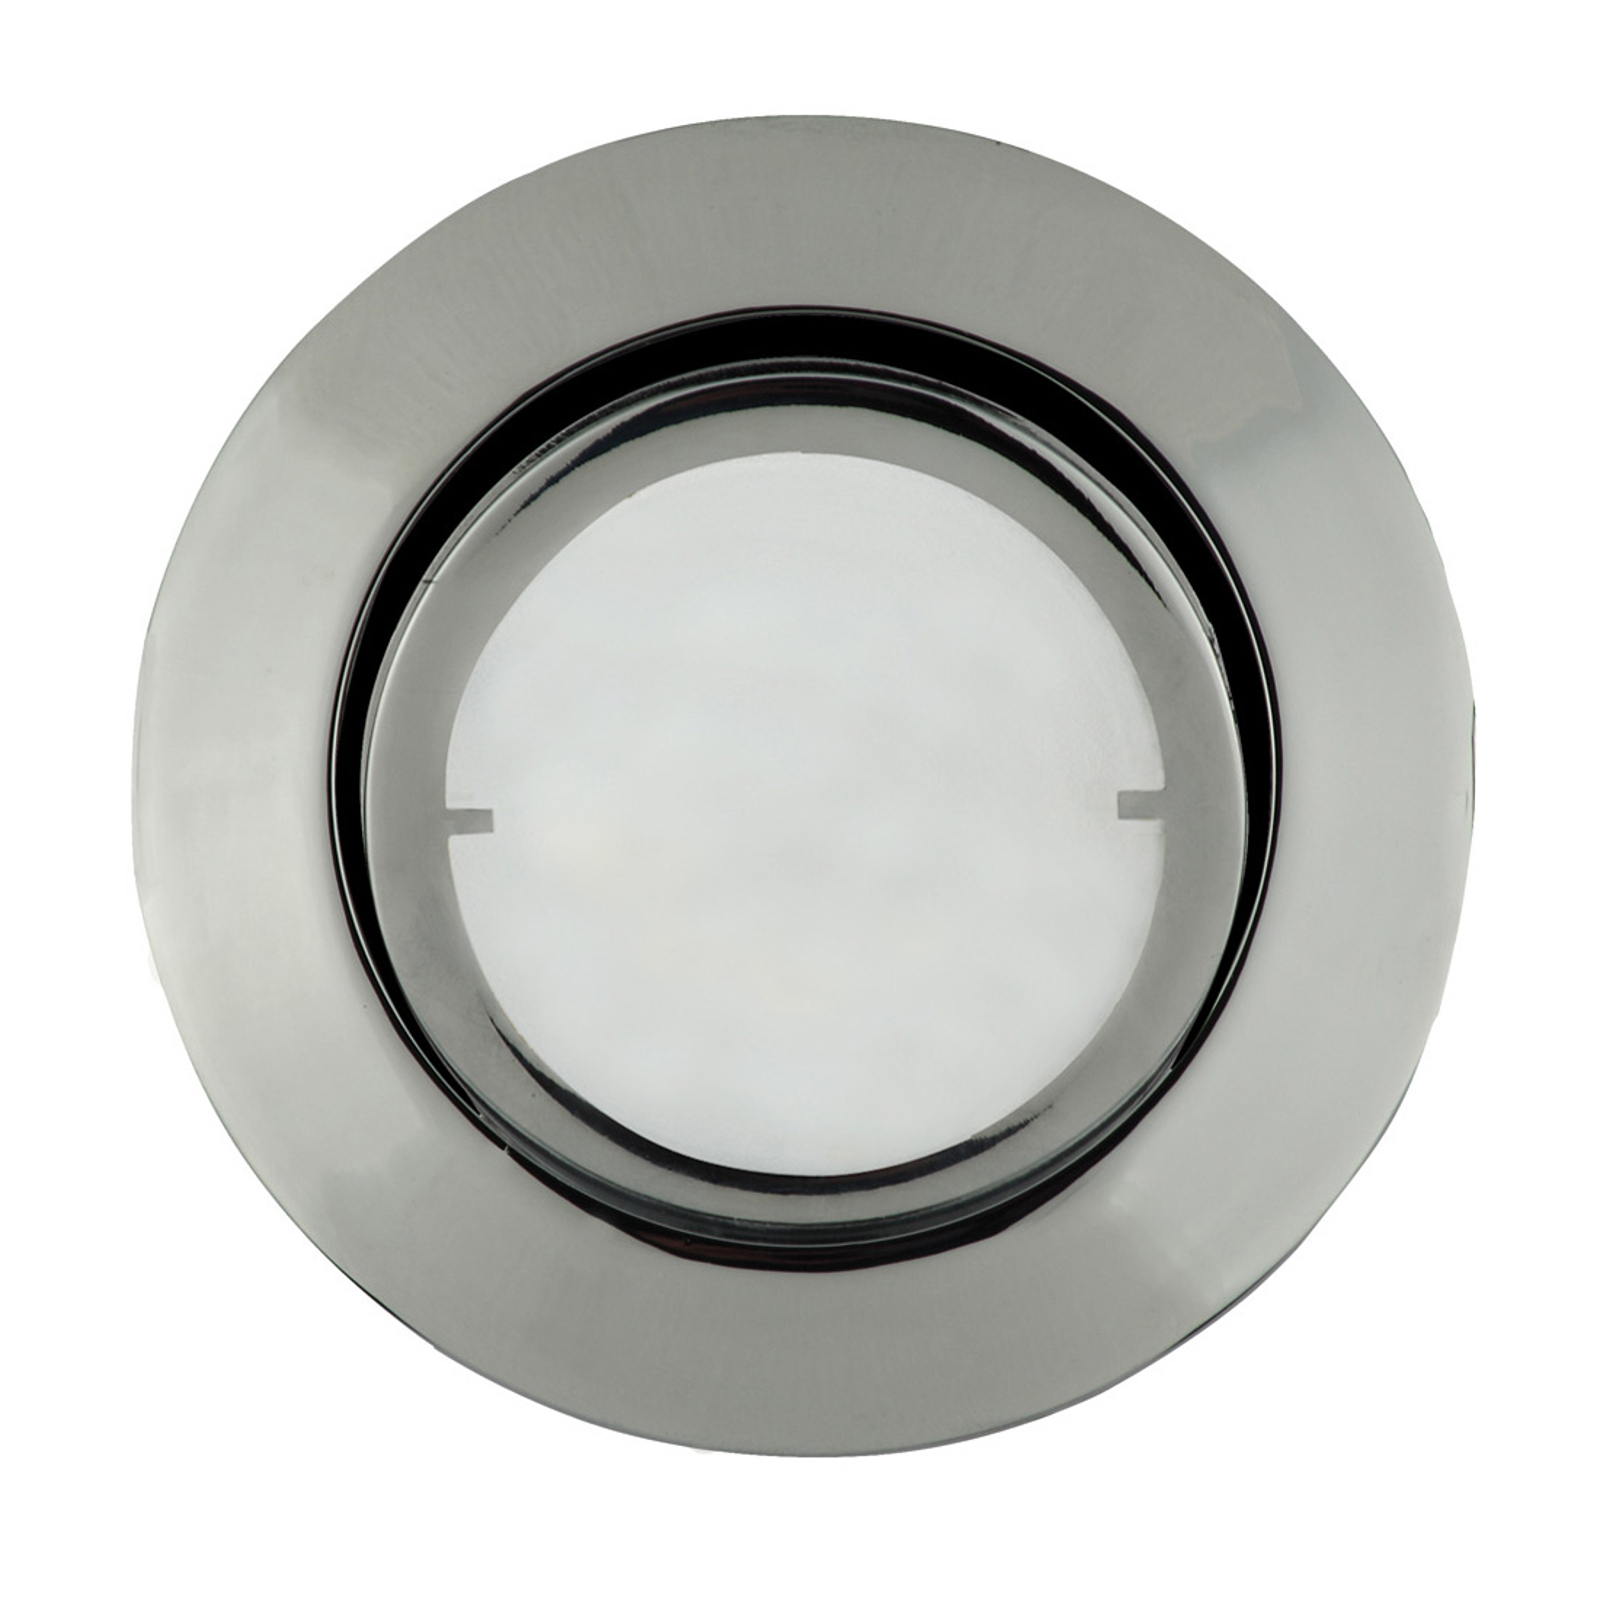 Kulaté LED podhledové svítidlo Joanie, chrom